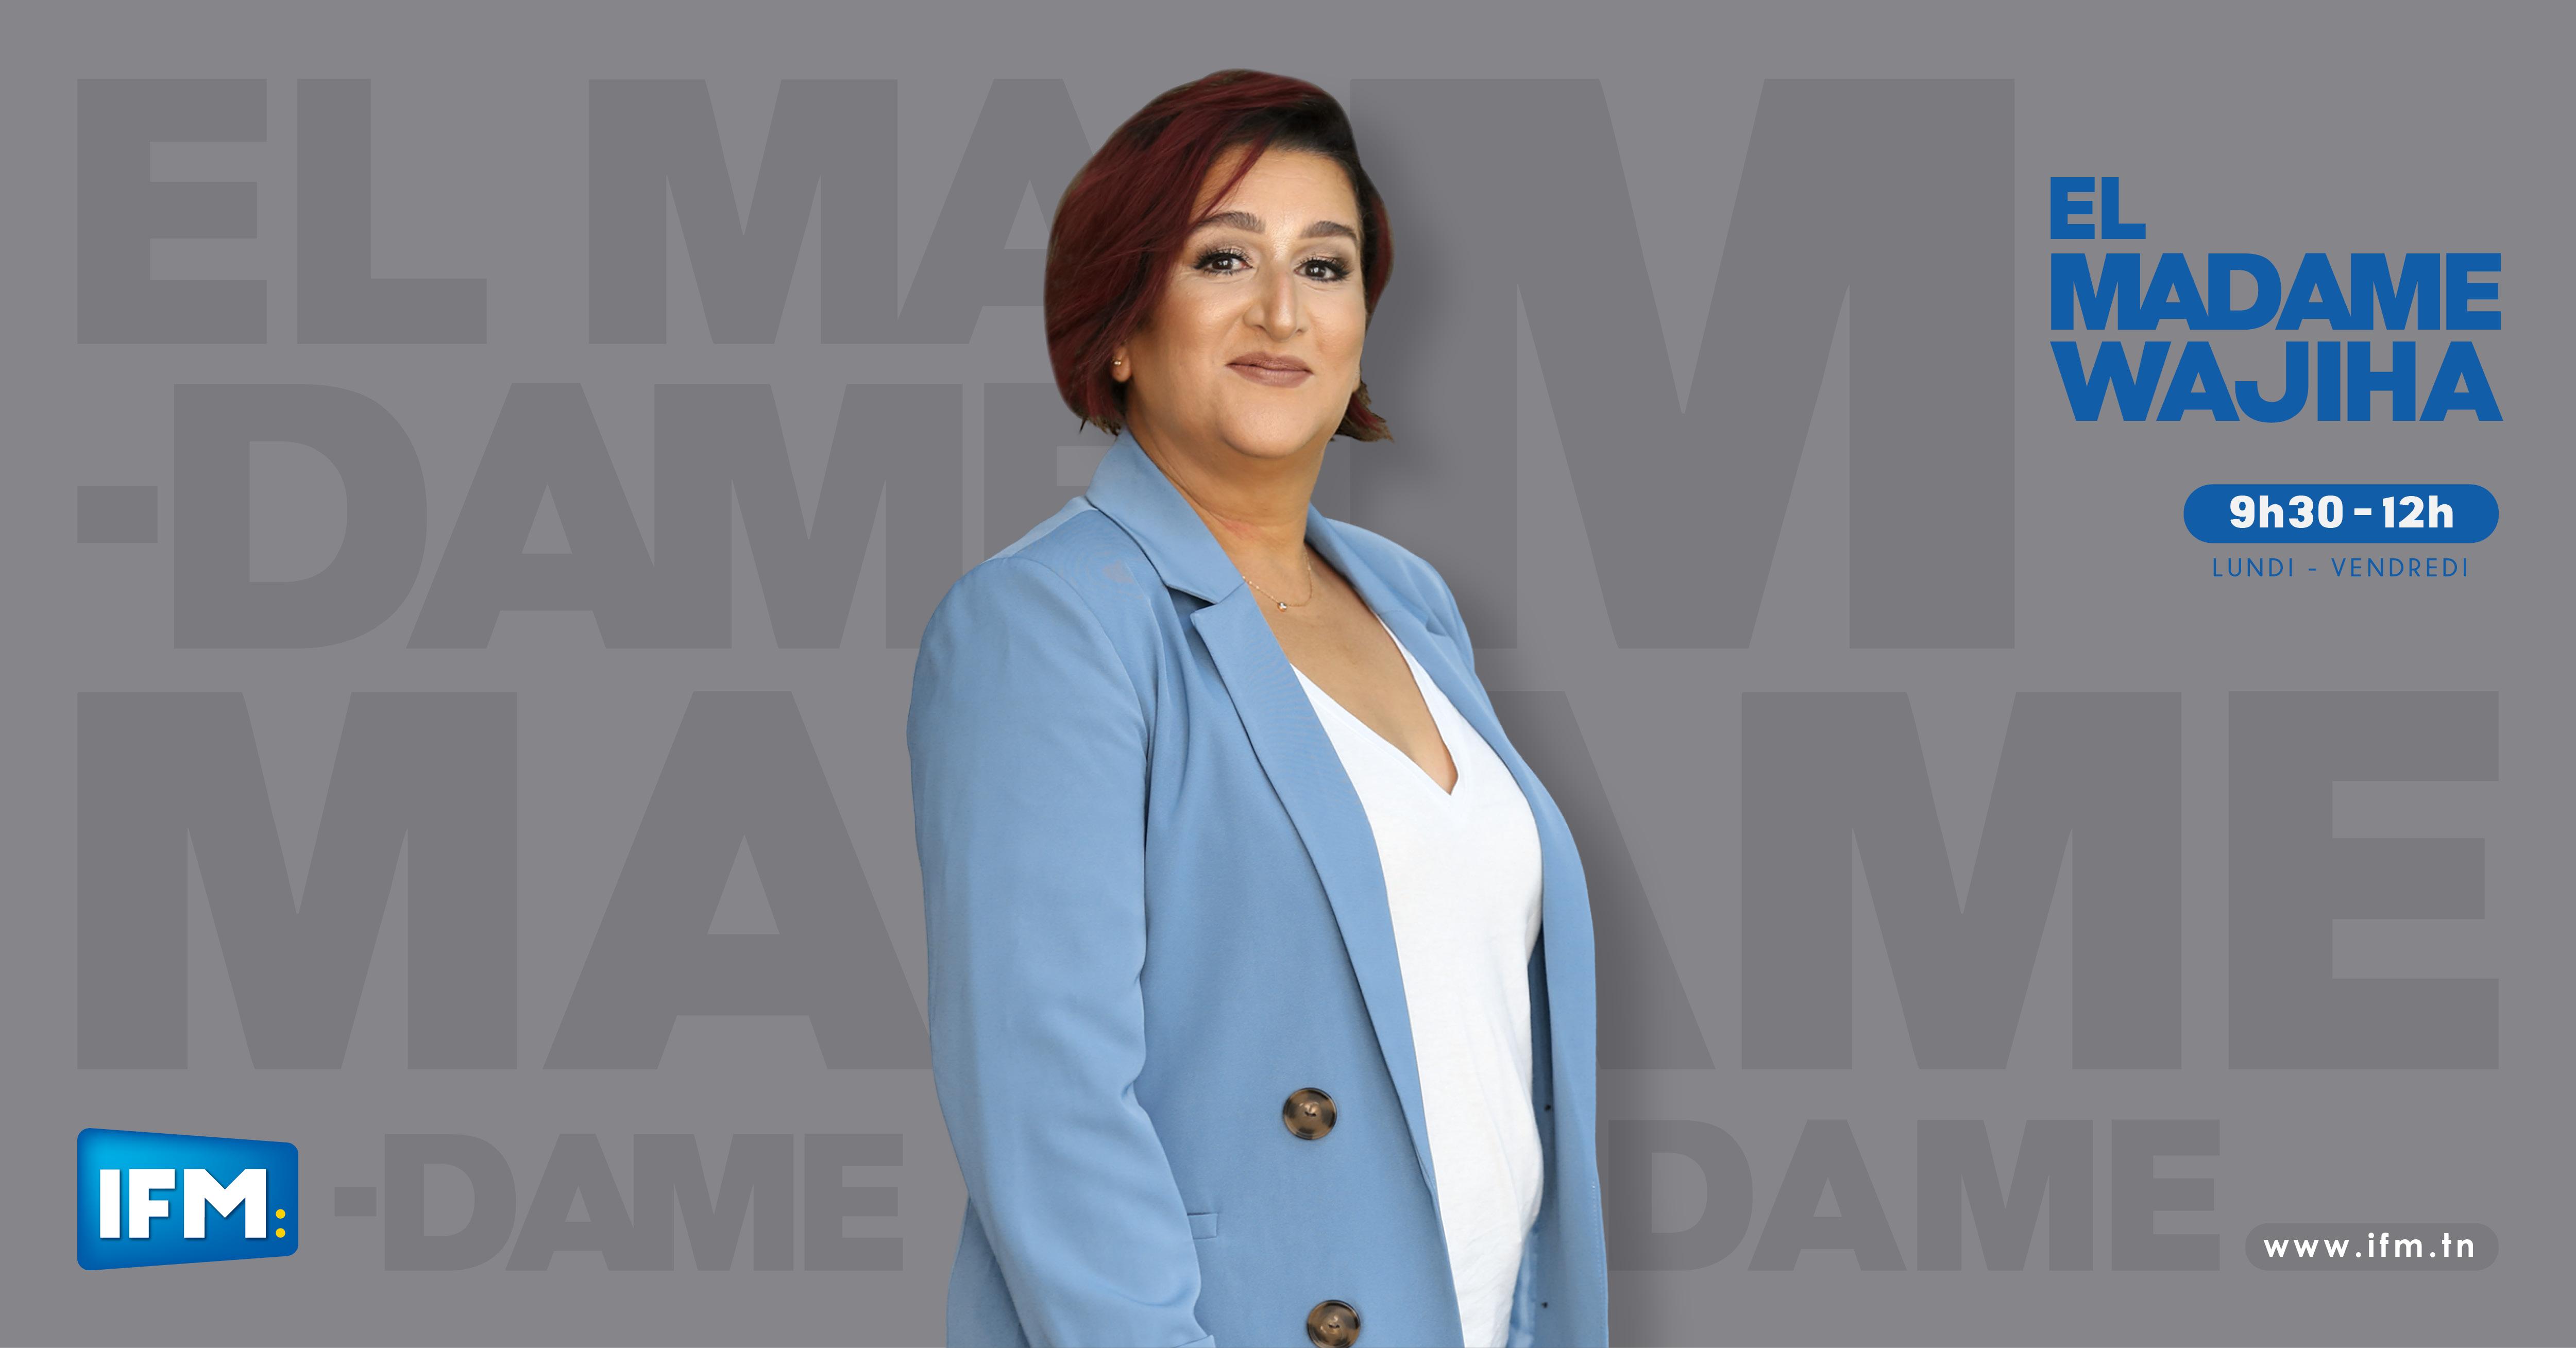 El Madame Wajiha El Madame : Le 06-04-2021